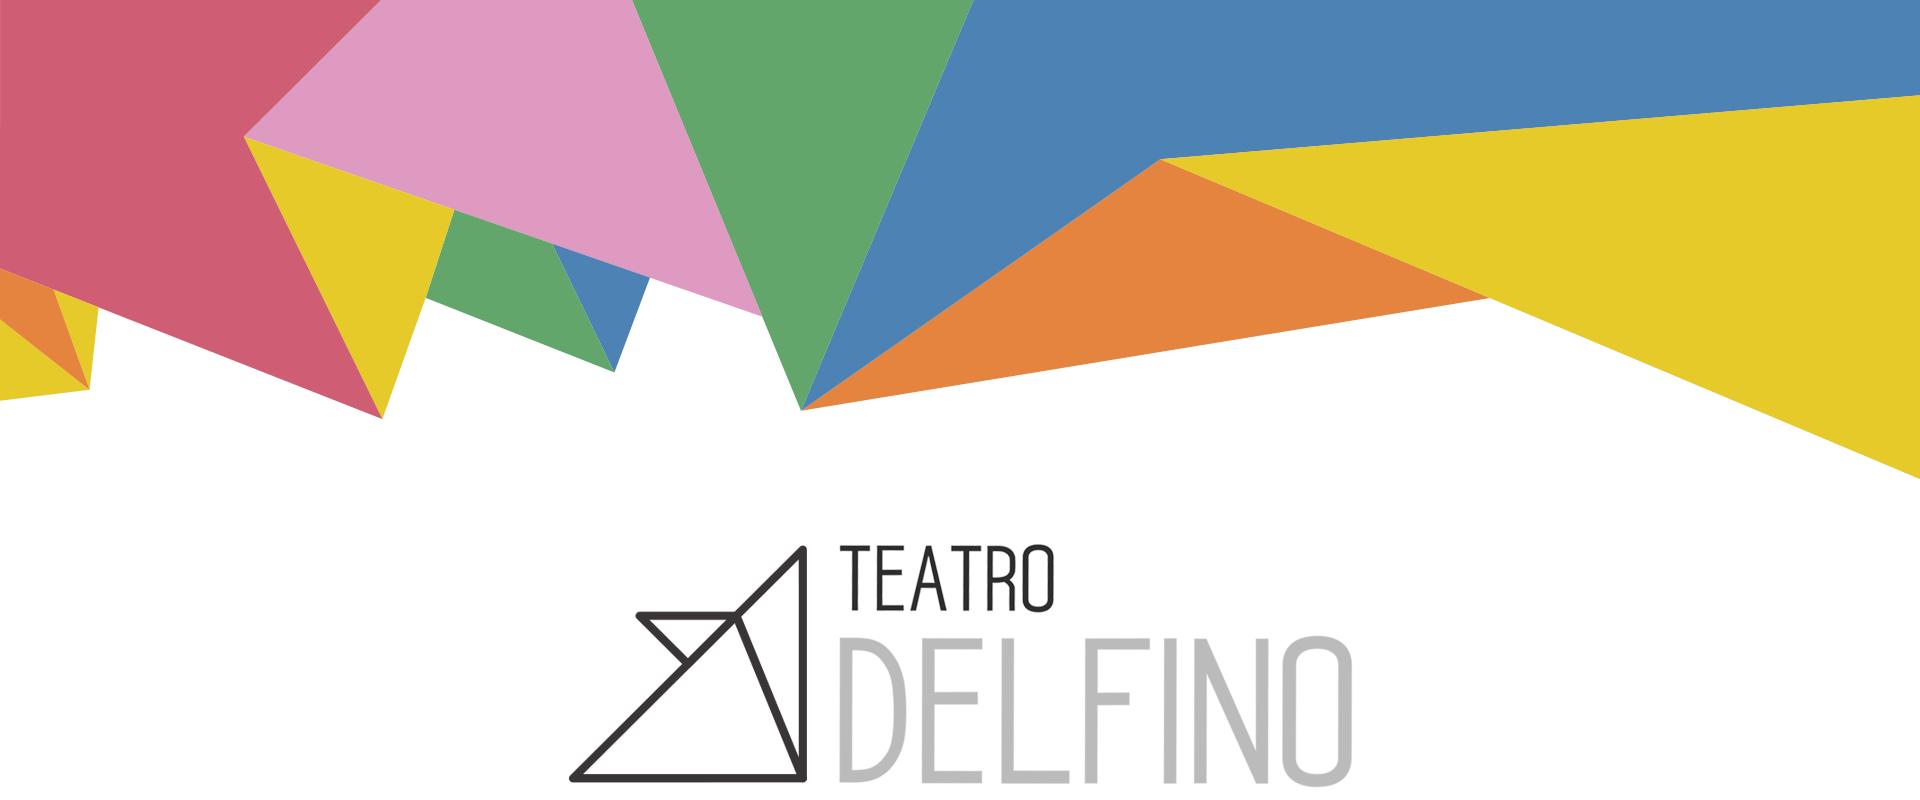 delfino logo